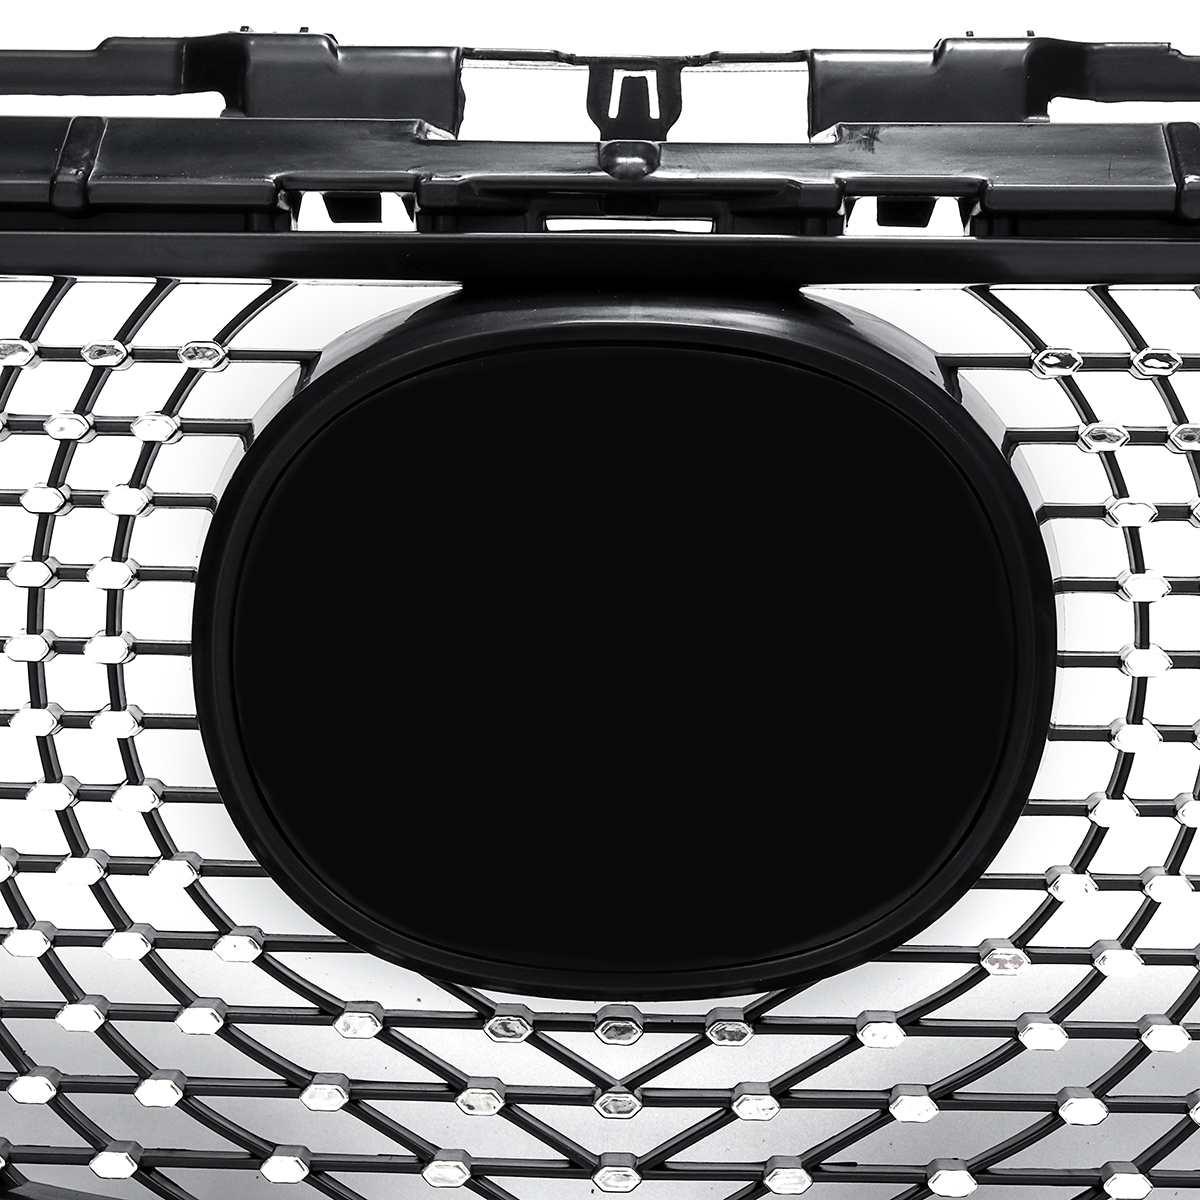 Для Mazda 6 atenza 2013 2014 2015 2016 передний бампер верхние решетки Алмазная решетка ABS сетка планки крышка автомобиля Стайлинг - 5